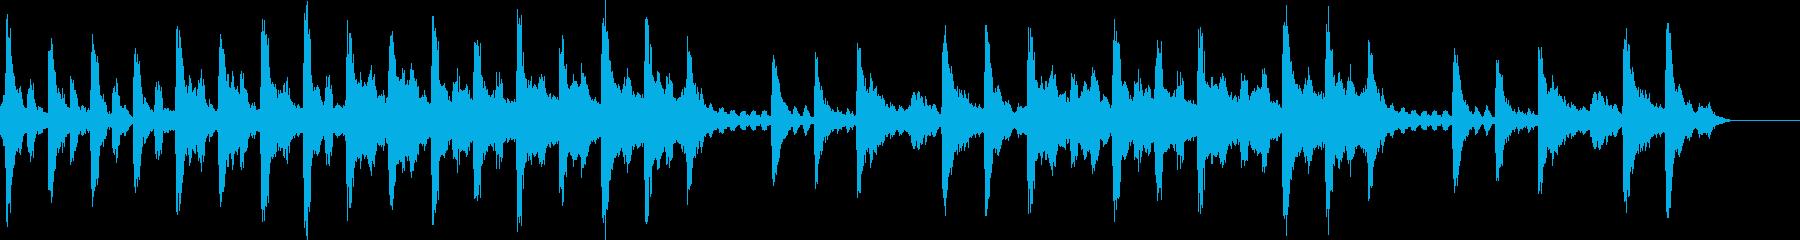 ストリングス 緊張感のある決意等の場面にの再生済みの波形